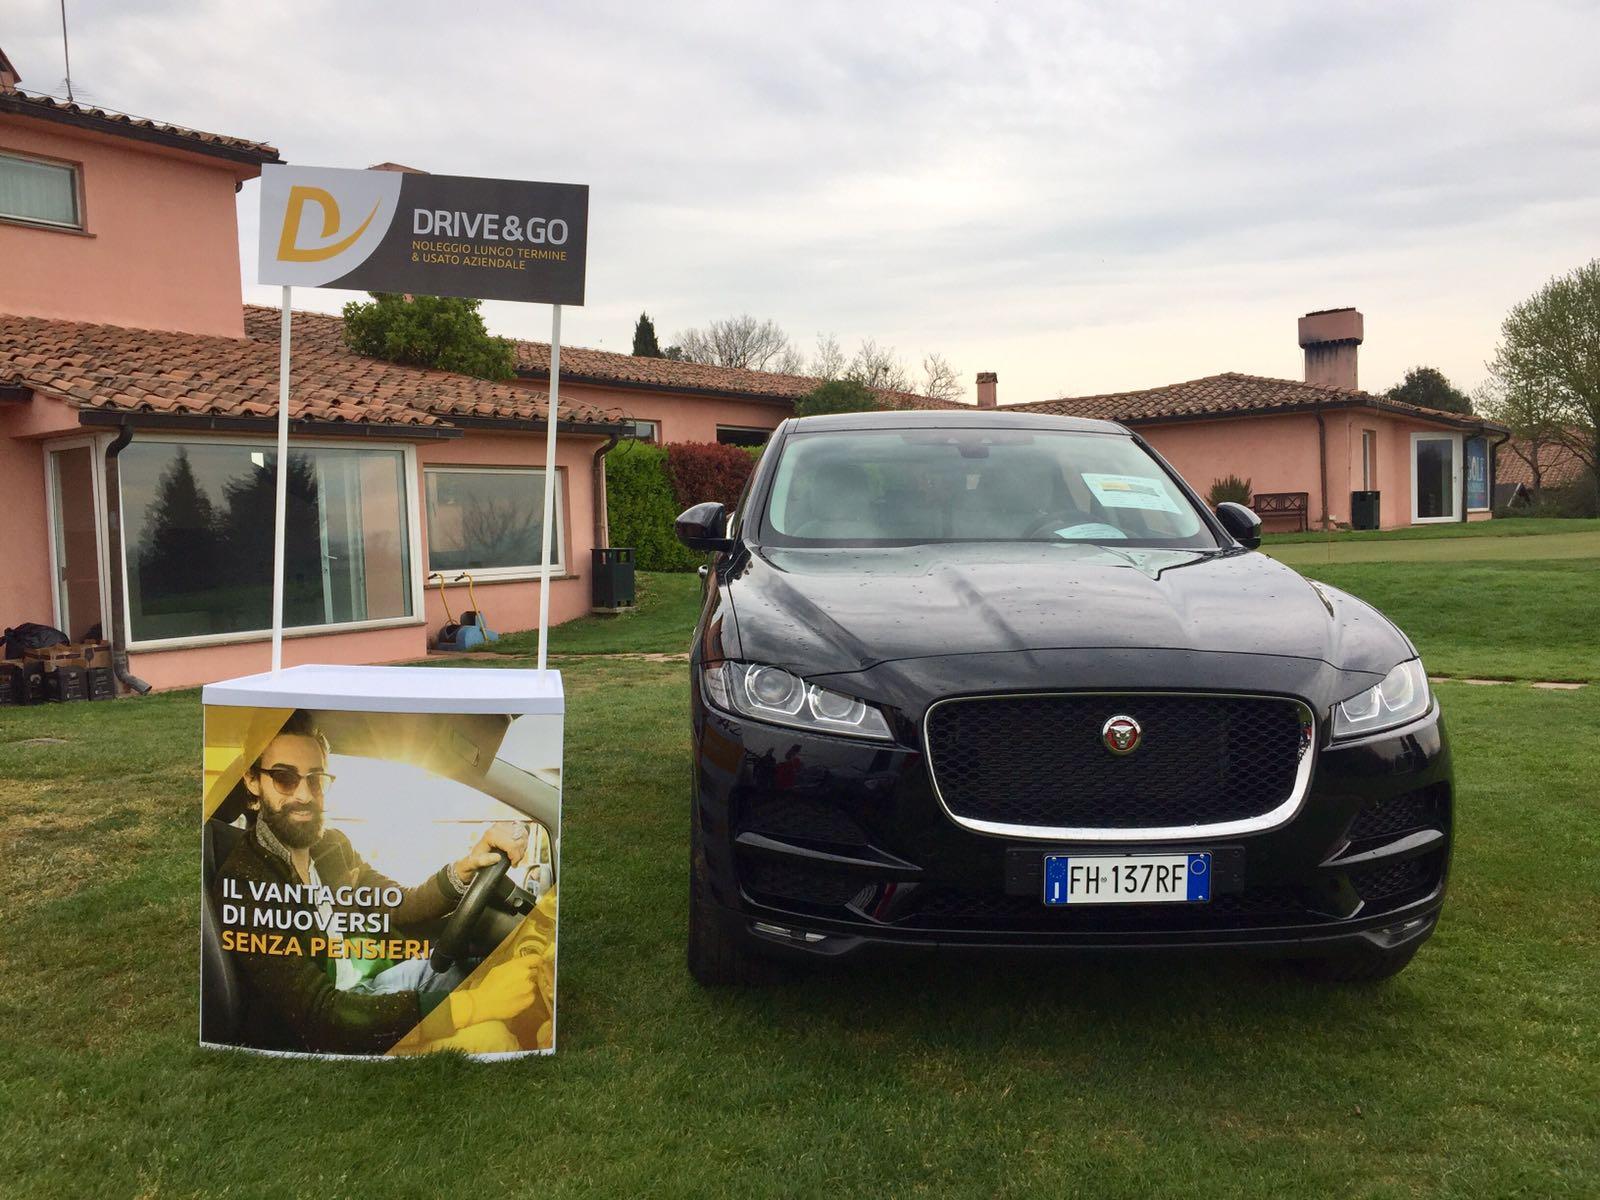 Drive&Go, il nuovo brand di Arearenting: design e rebranding strategy di Alessandro Maola Comunicazione.